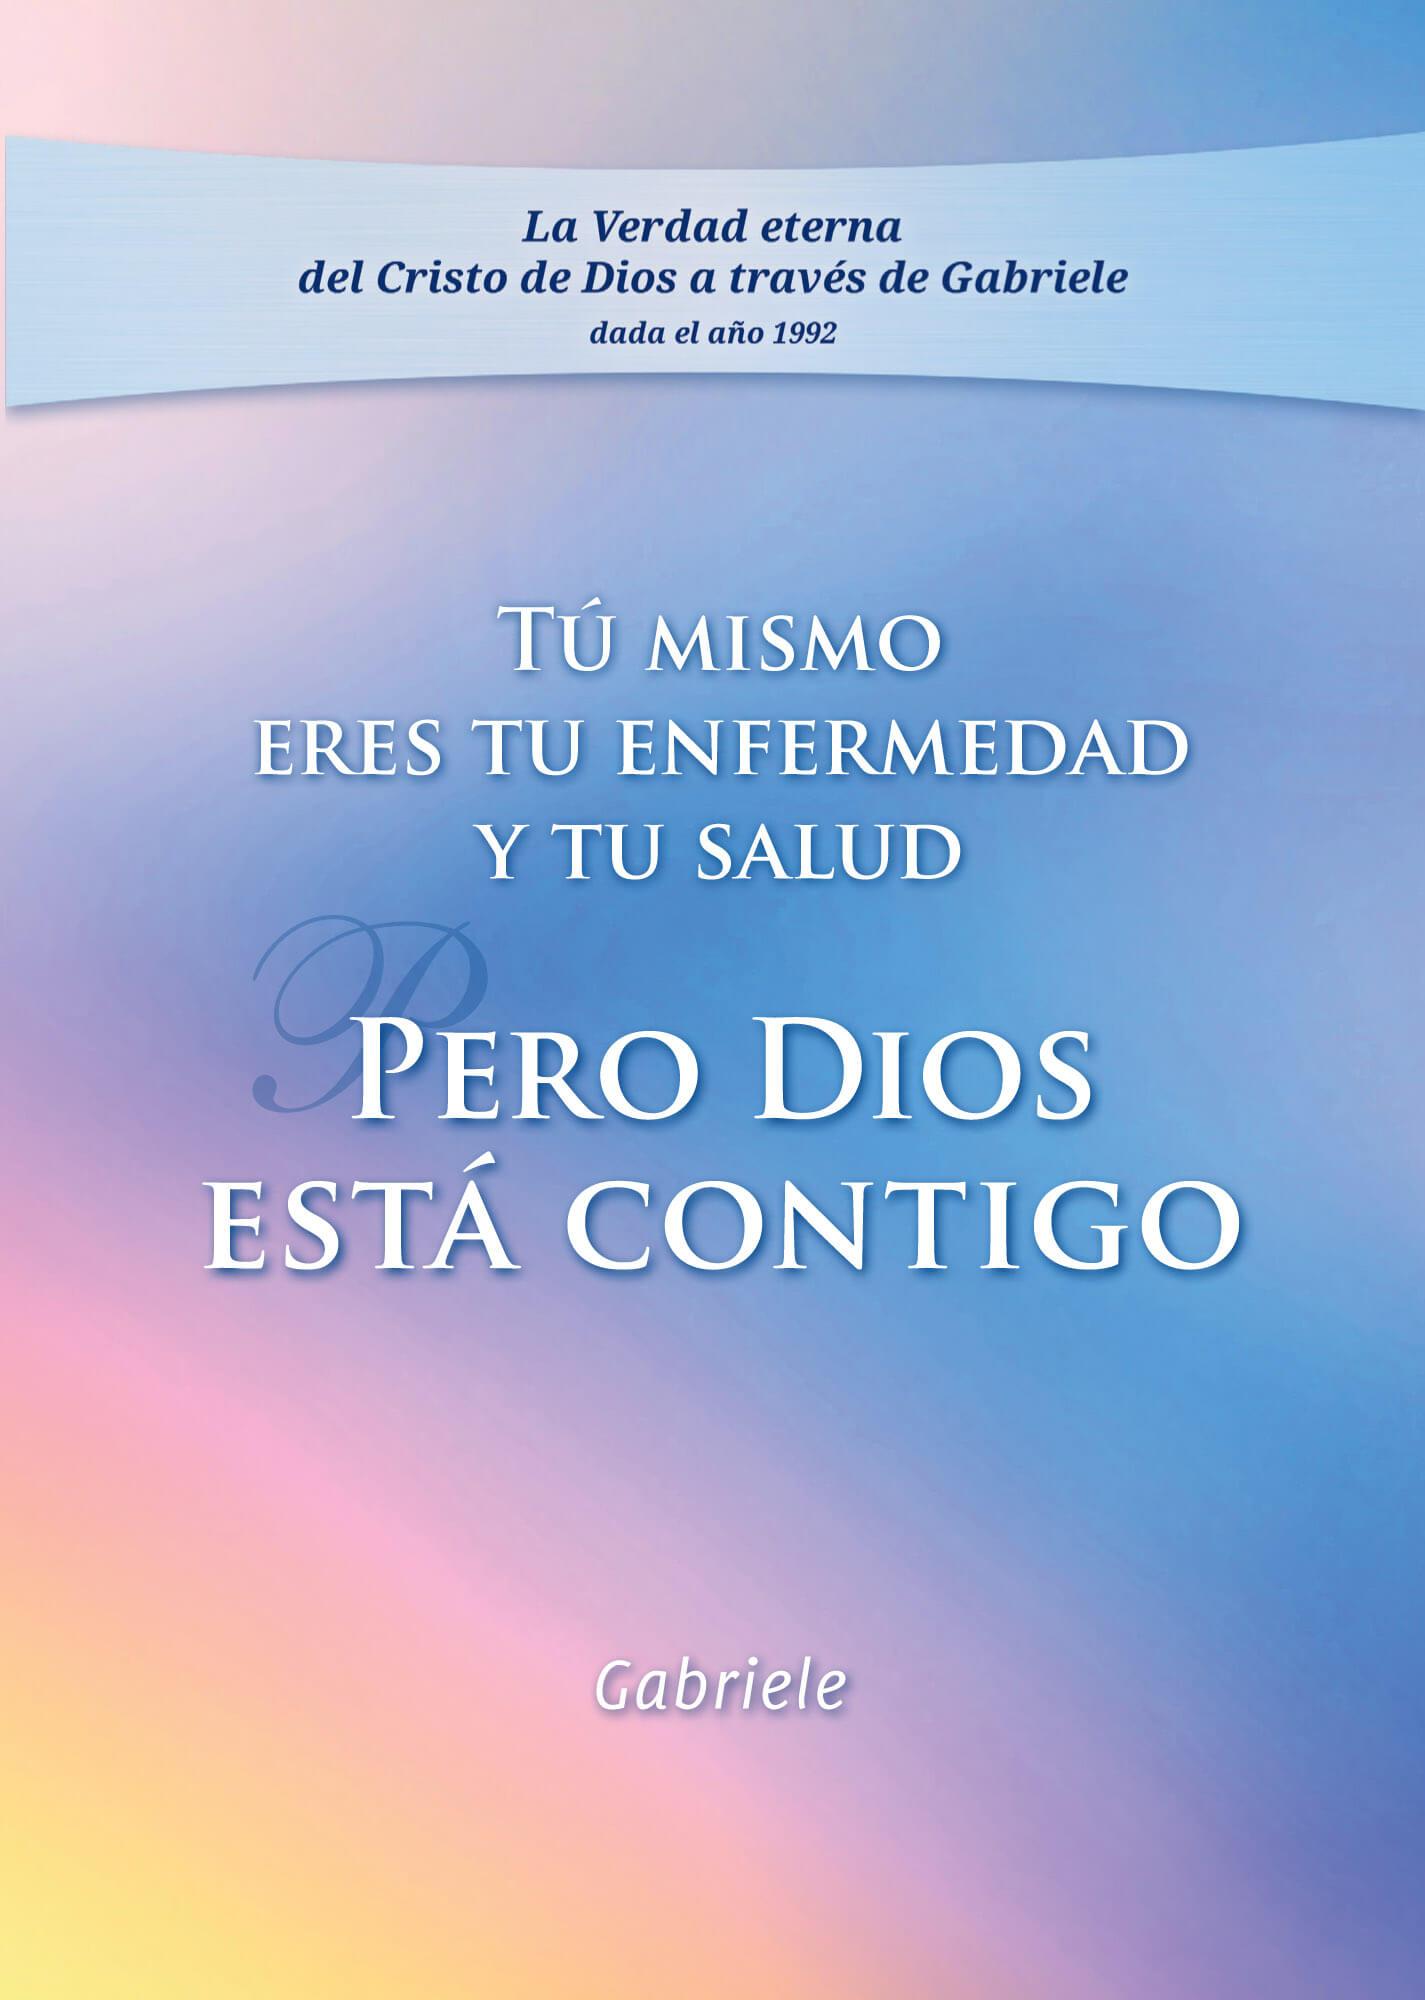 Libro «Tú mismo eres tu enfemedad <br /> y tu salud» y CD «Sanación Profética Divina»